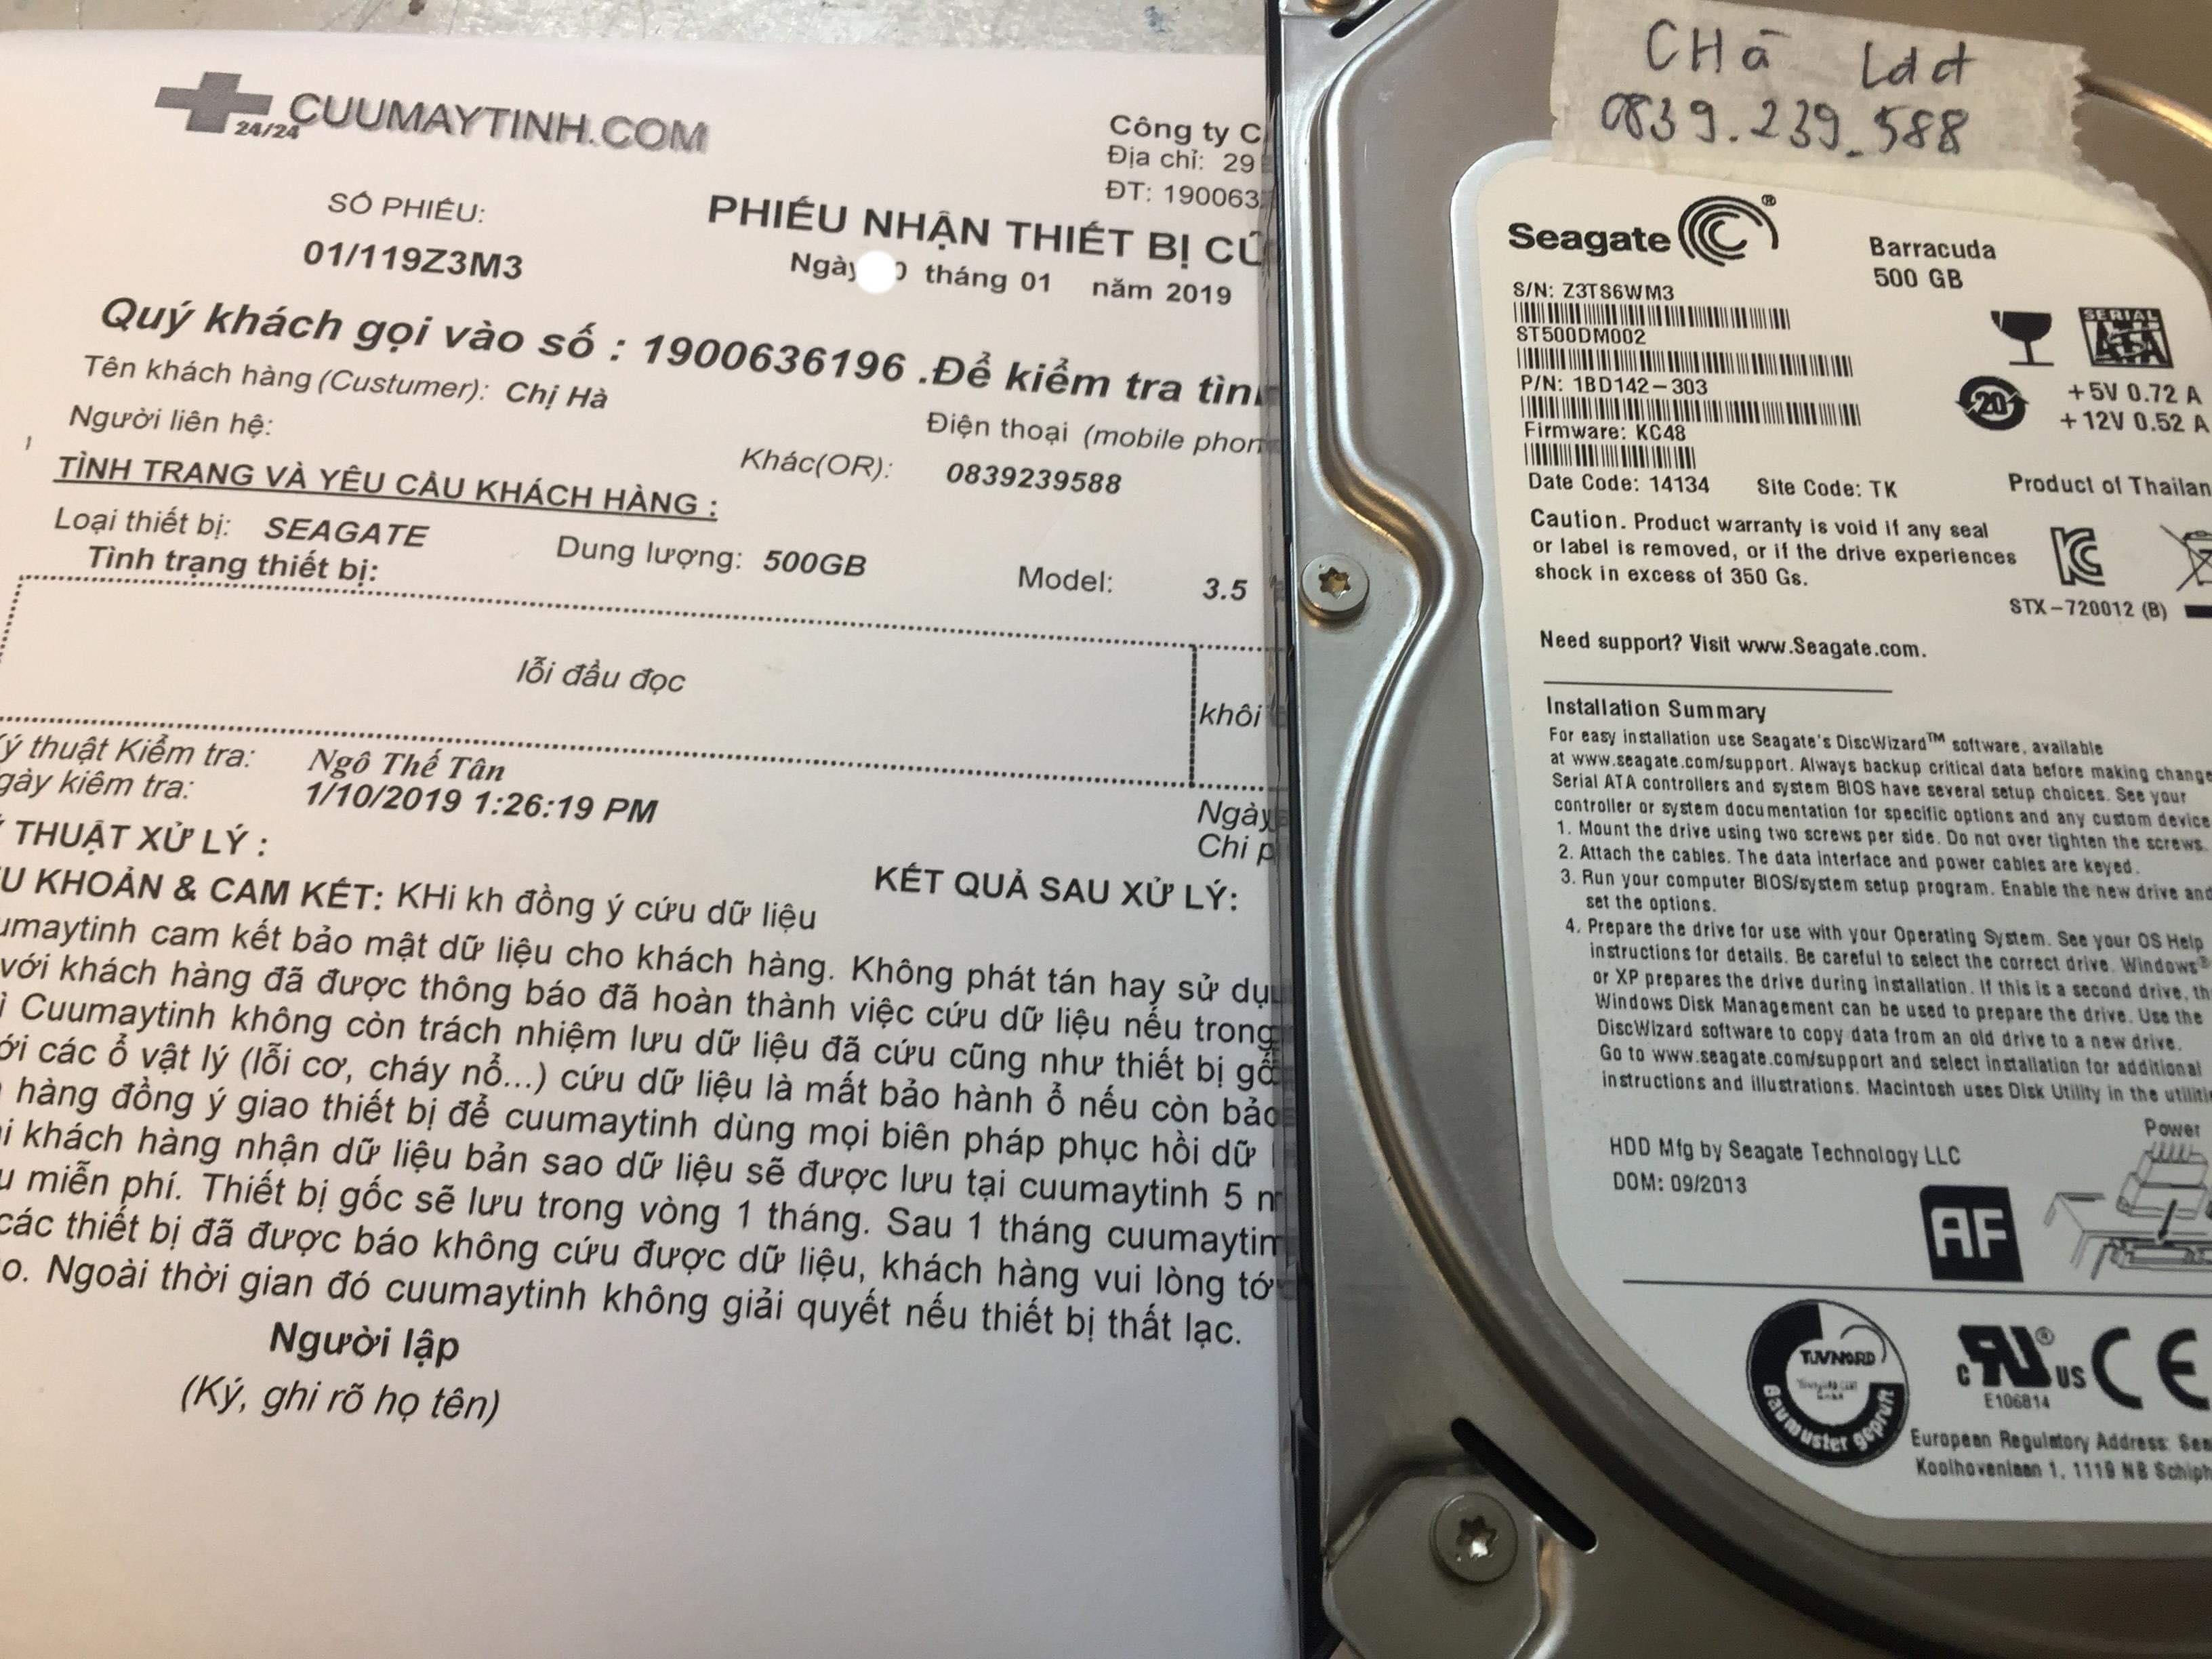 Lấy dữ liệu ổ cứng Seagate 500GB lỗi đầu đọc 31/01/2019 - cuumaytinh